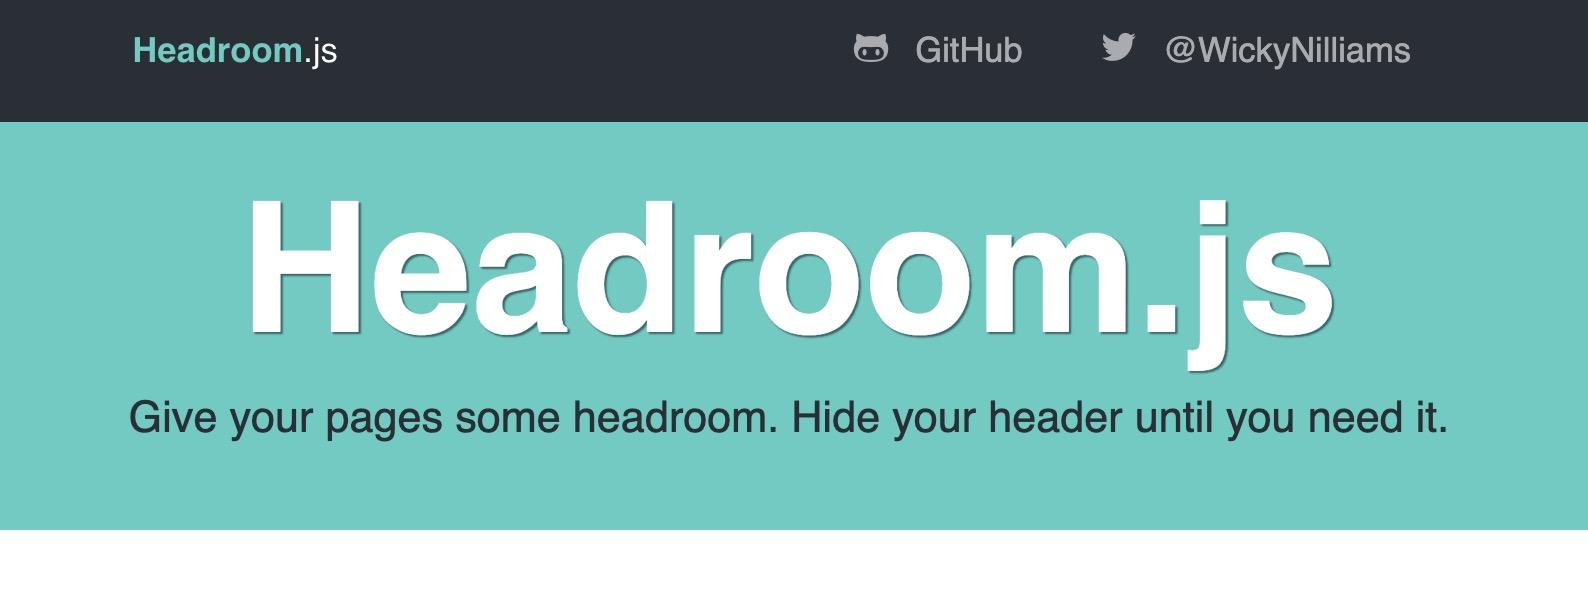 Headroom.js